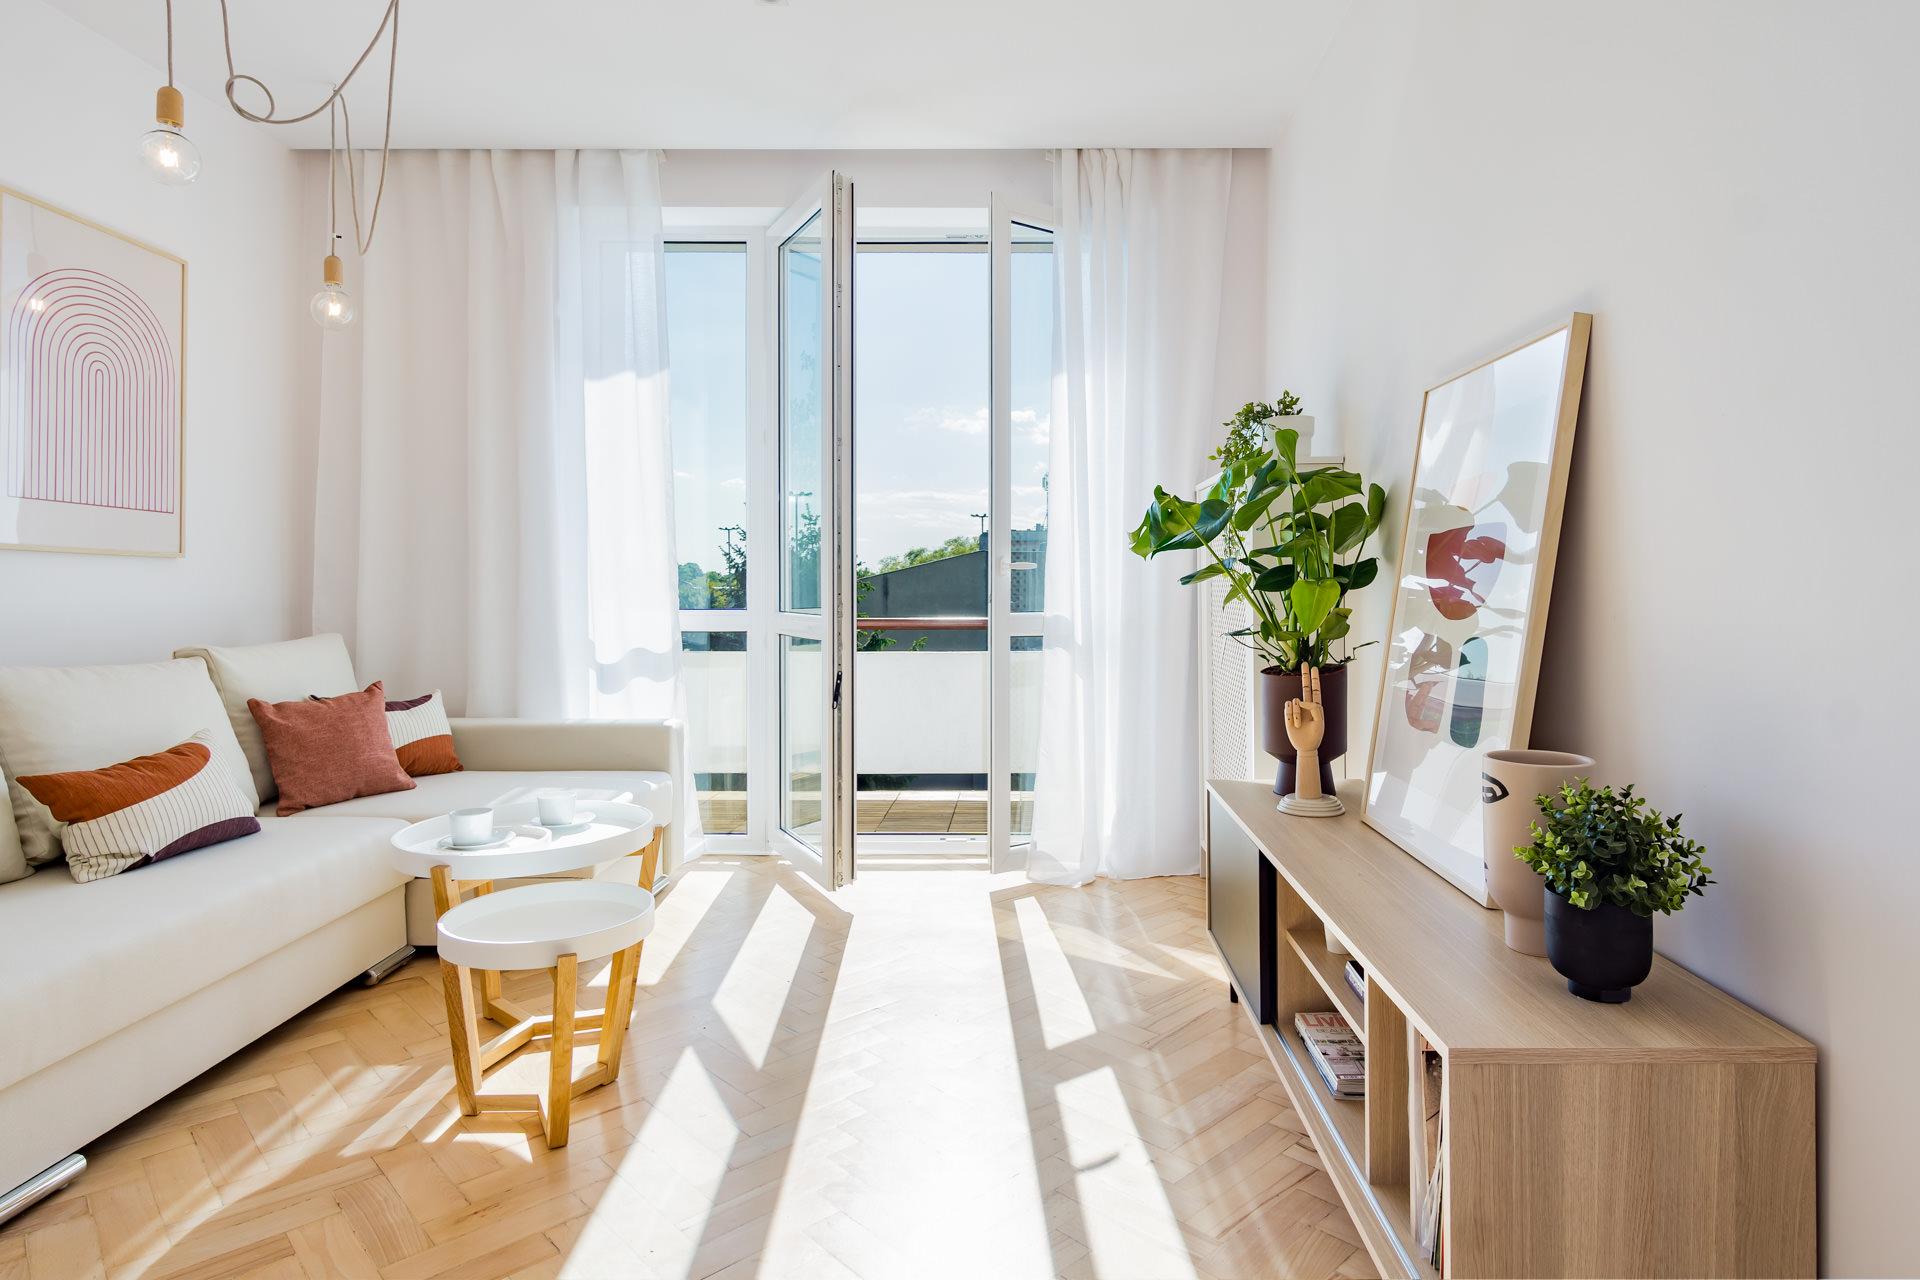 projekt wnętrz mieszkania - salon